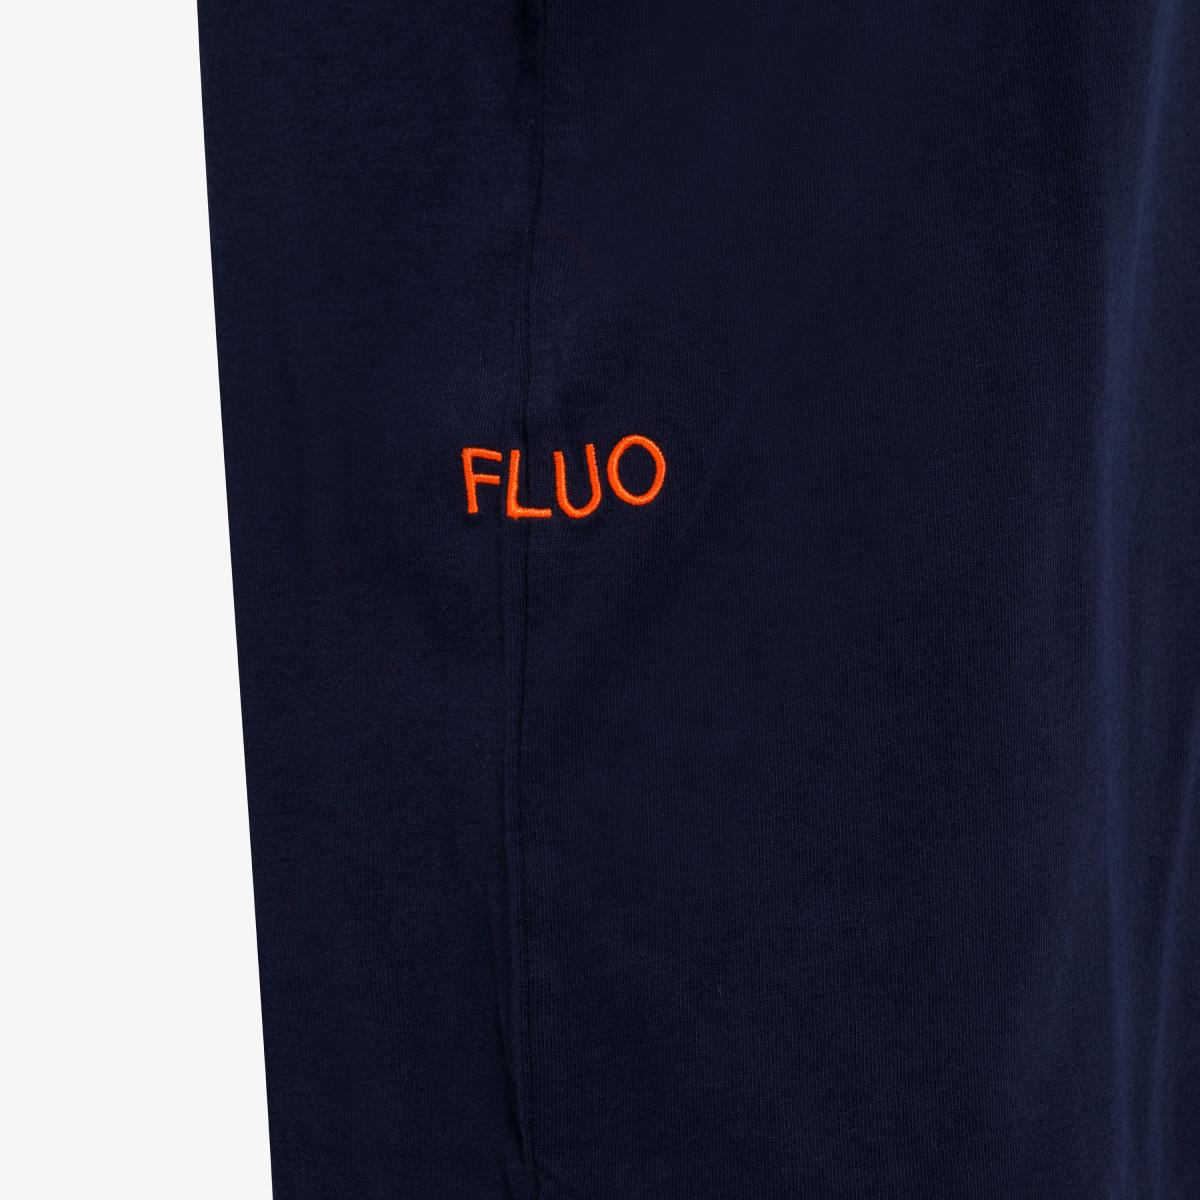 T-SHIRT BIG LOGO FLUO S/S NAVY BLUE